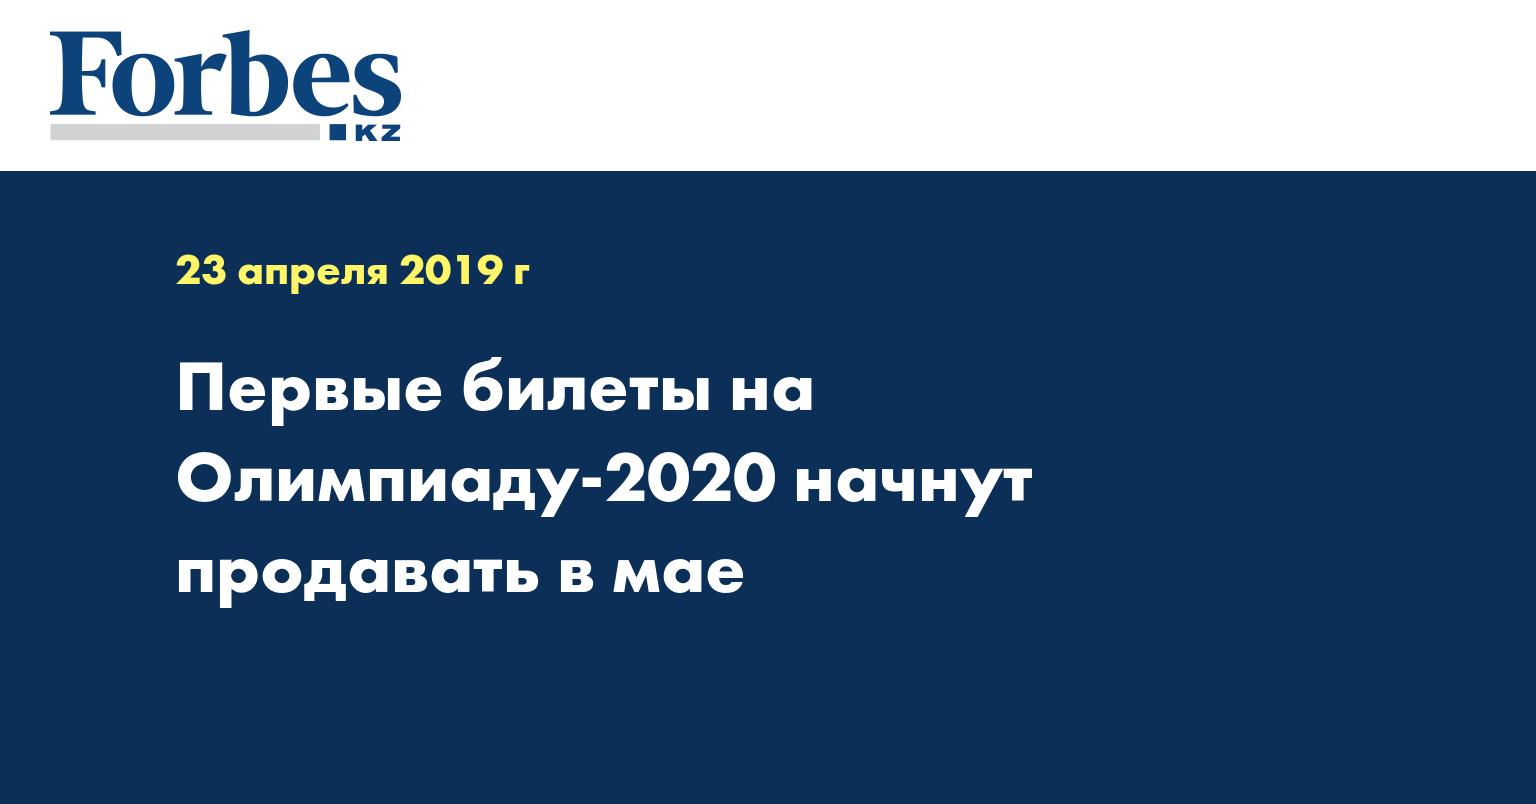 Первые билеты на Олимпиаду-2020 начнут продавать в мае